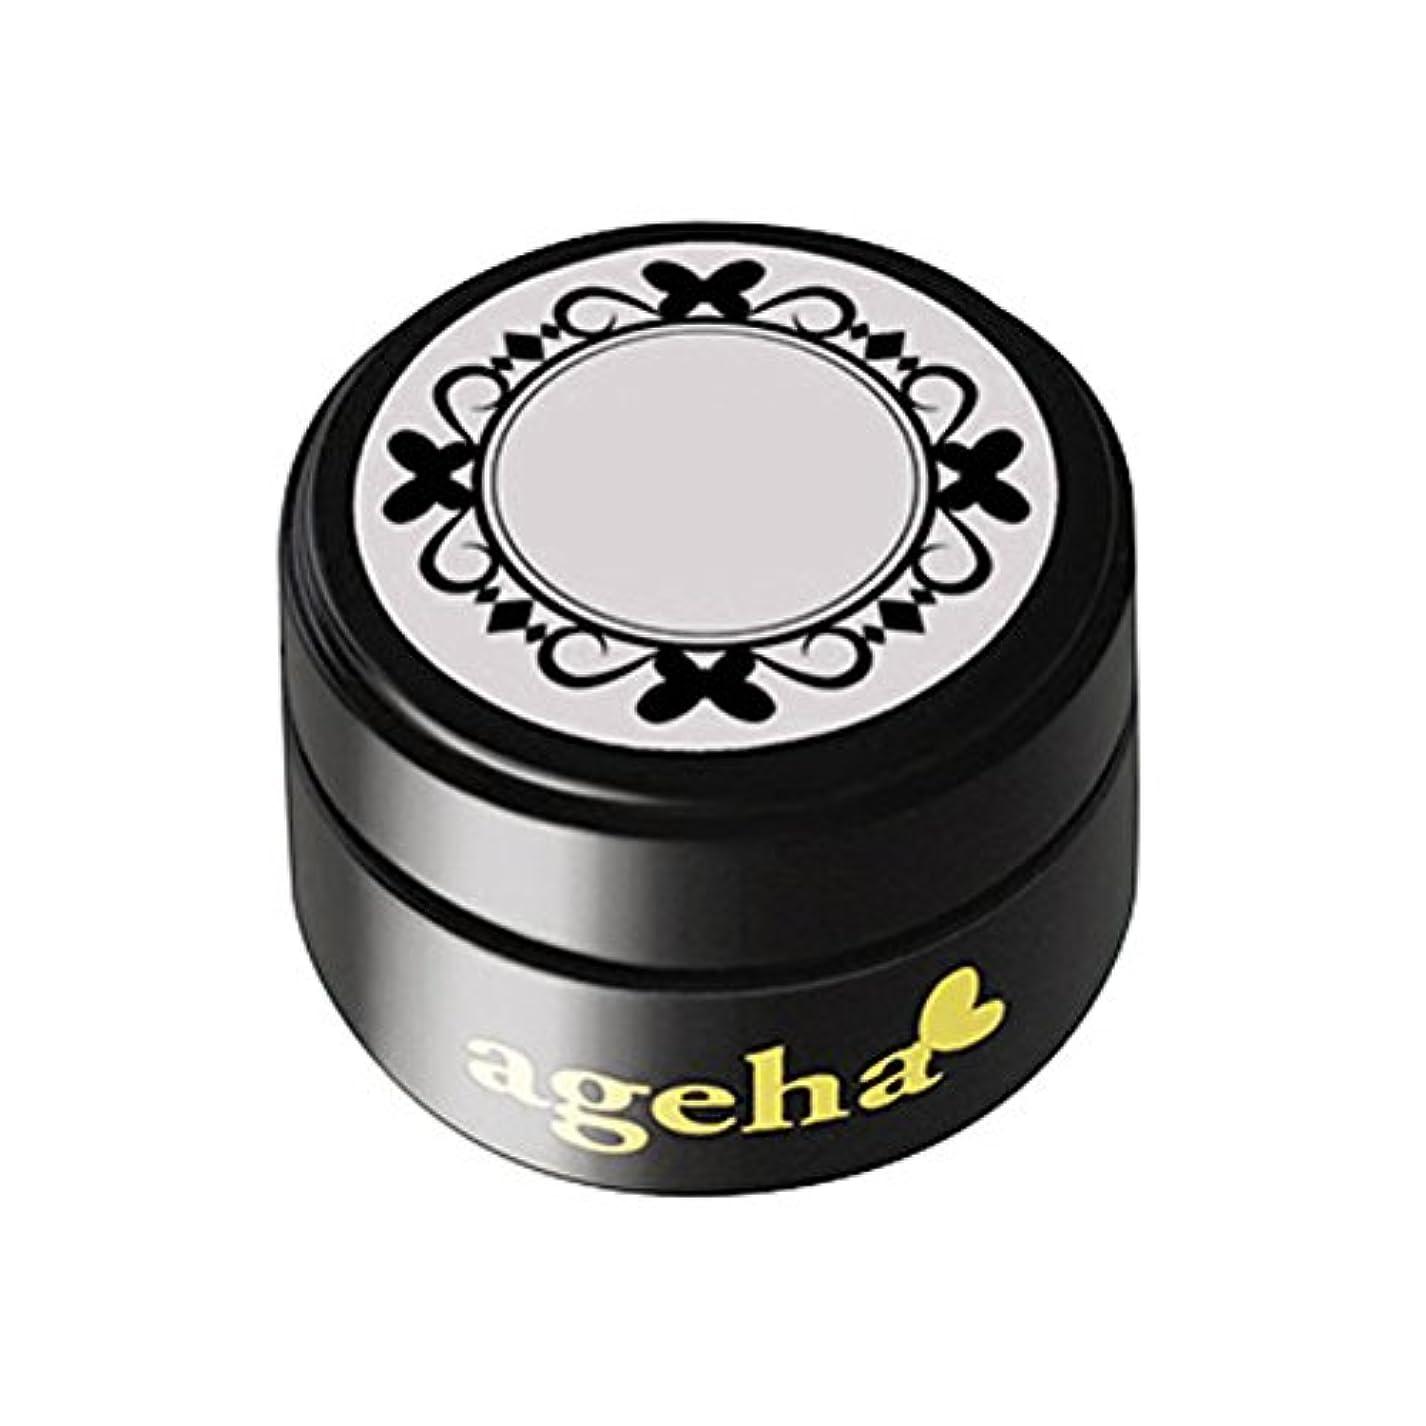 エラーいっぱい市区町村ageha gel カラージェル コスメカラー 106 ミルクヌード 2.7g UV/LED対応